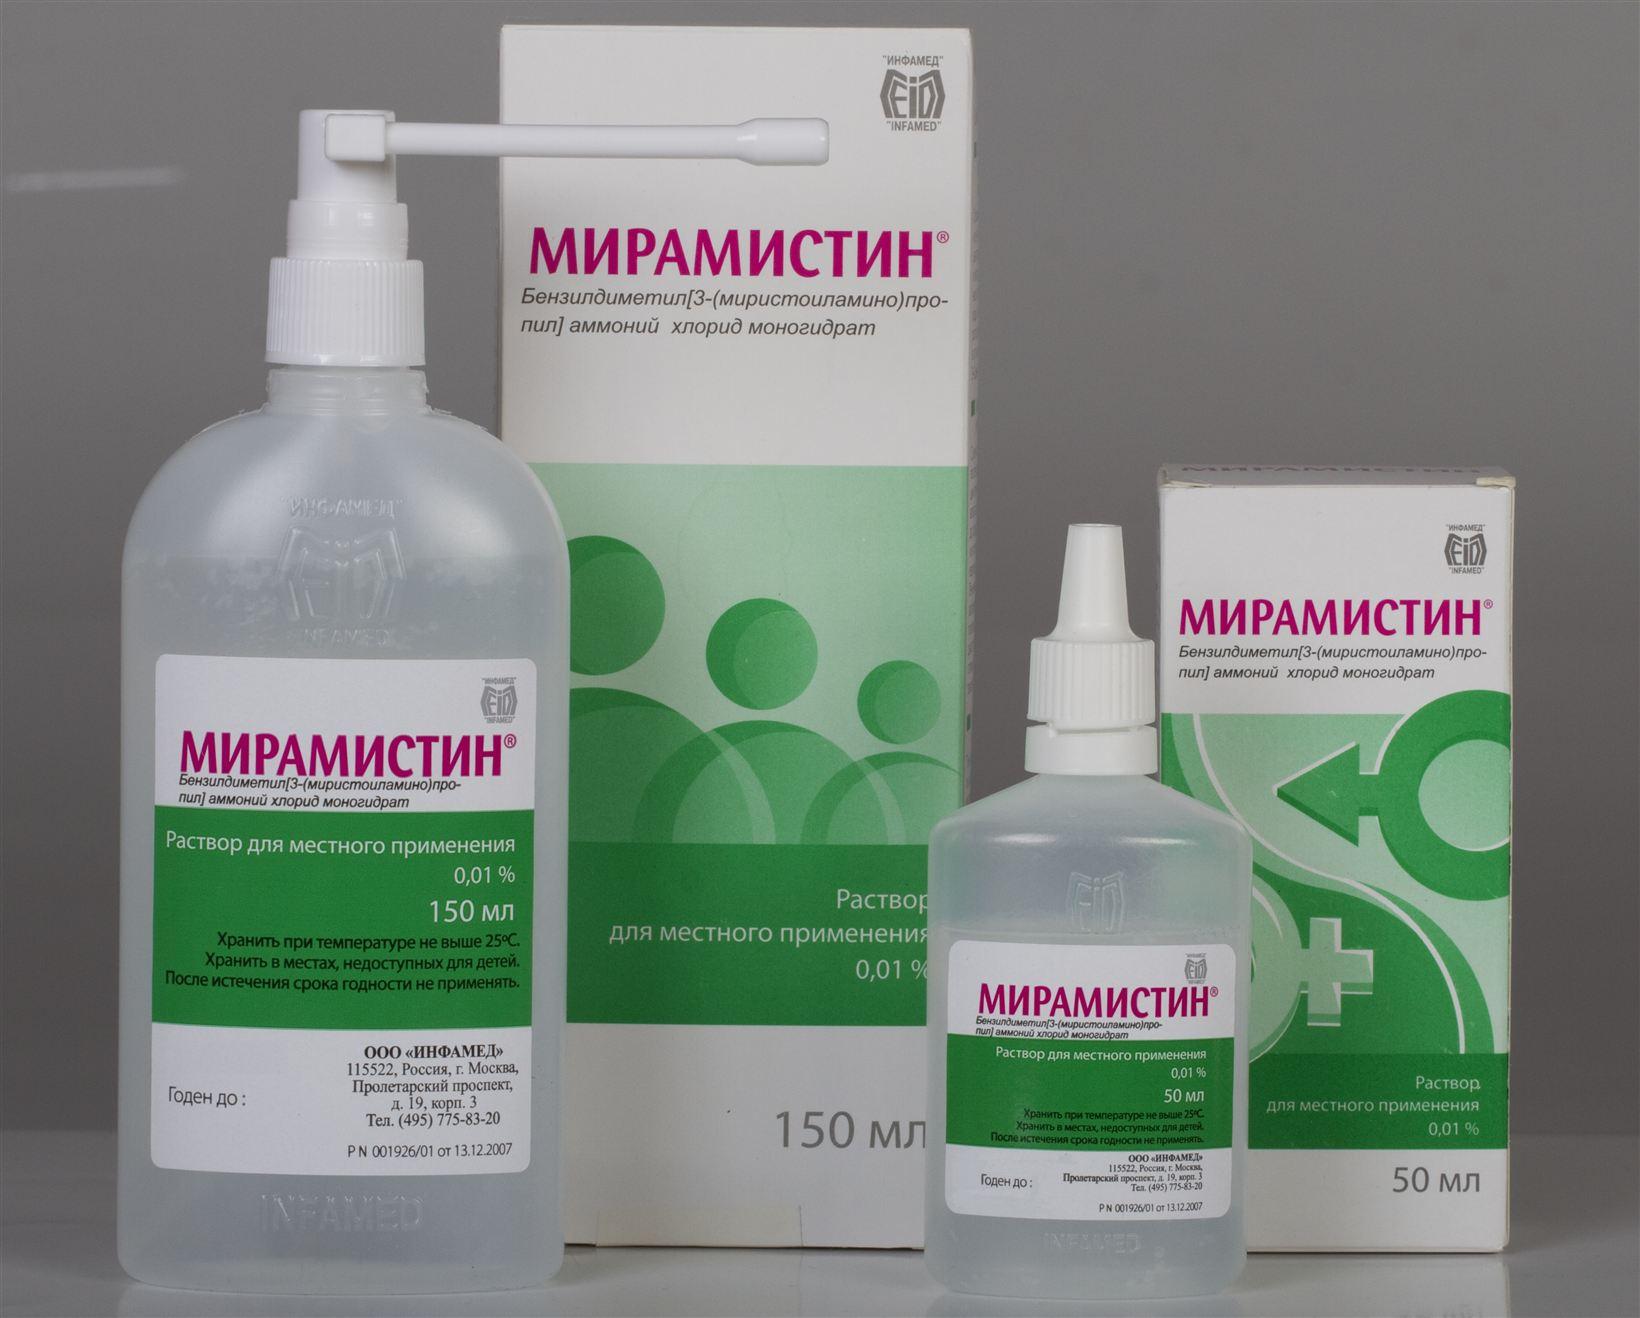 Мирамистин при цистите лечебный свойства и особенности применения